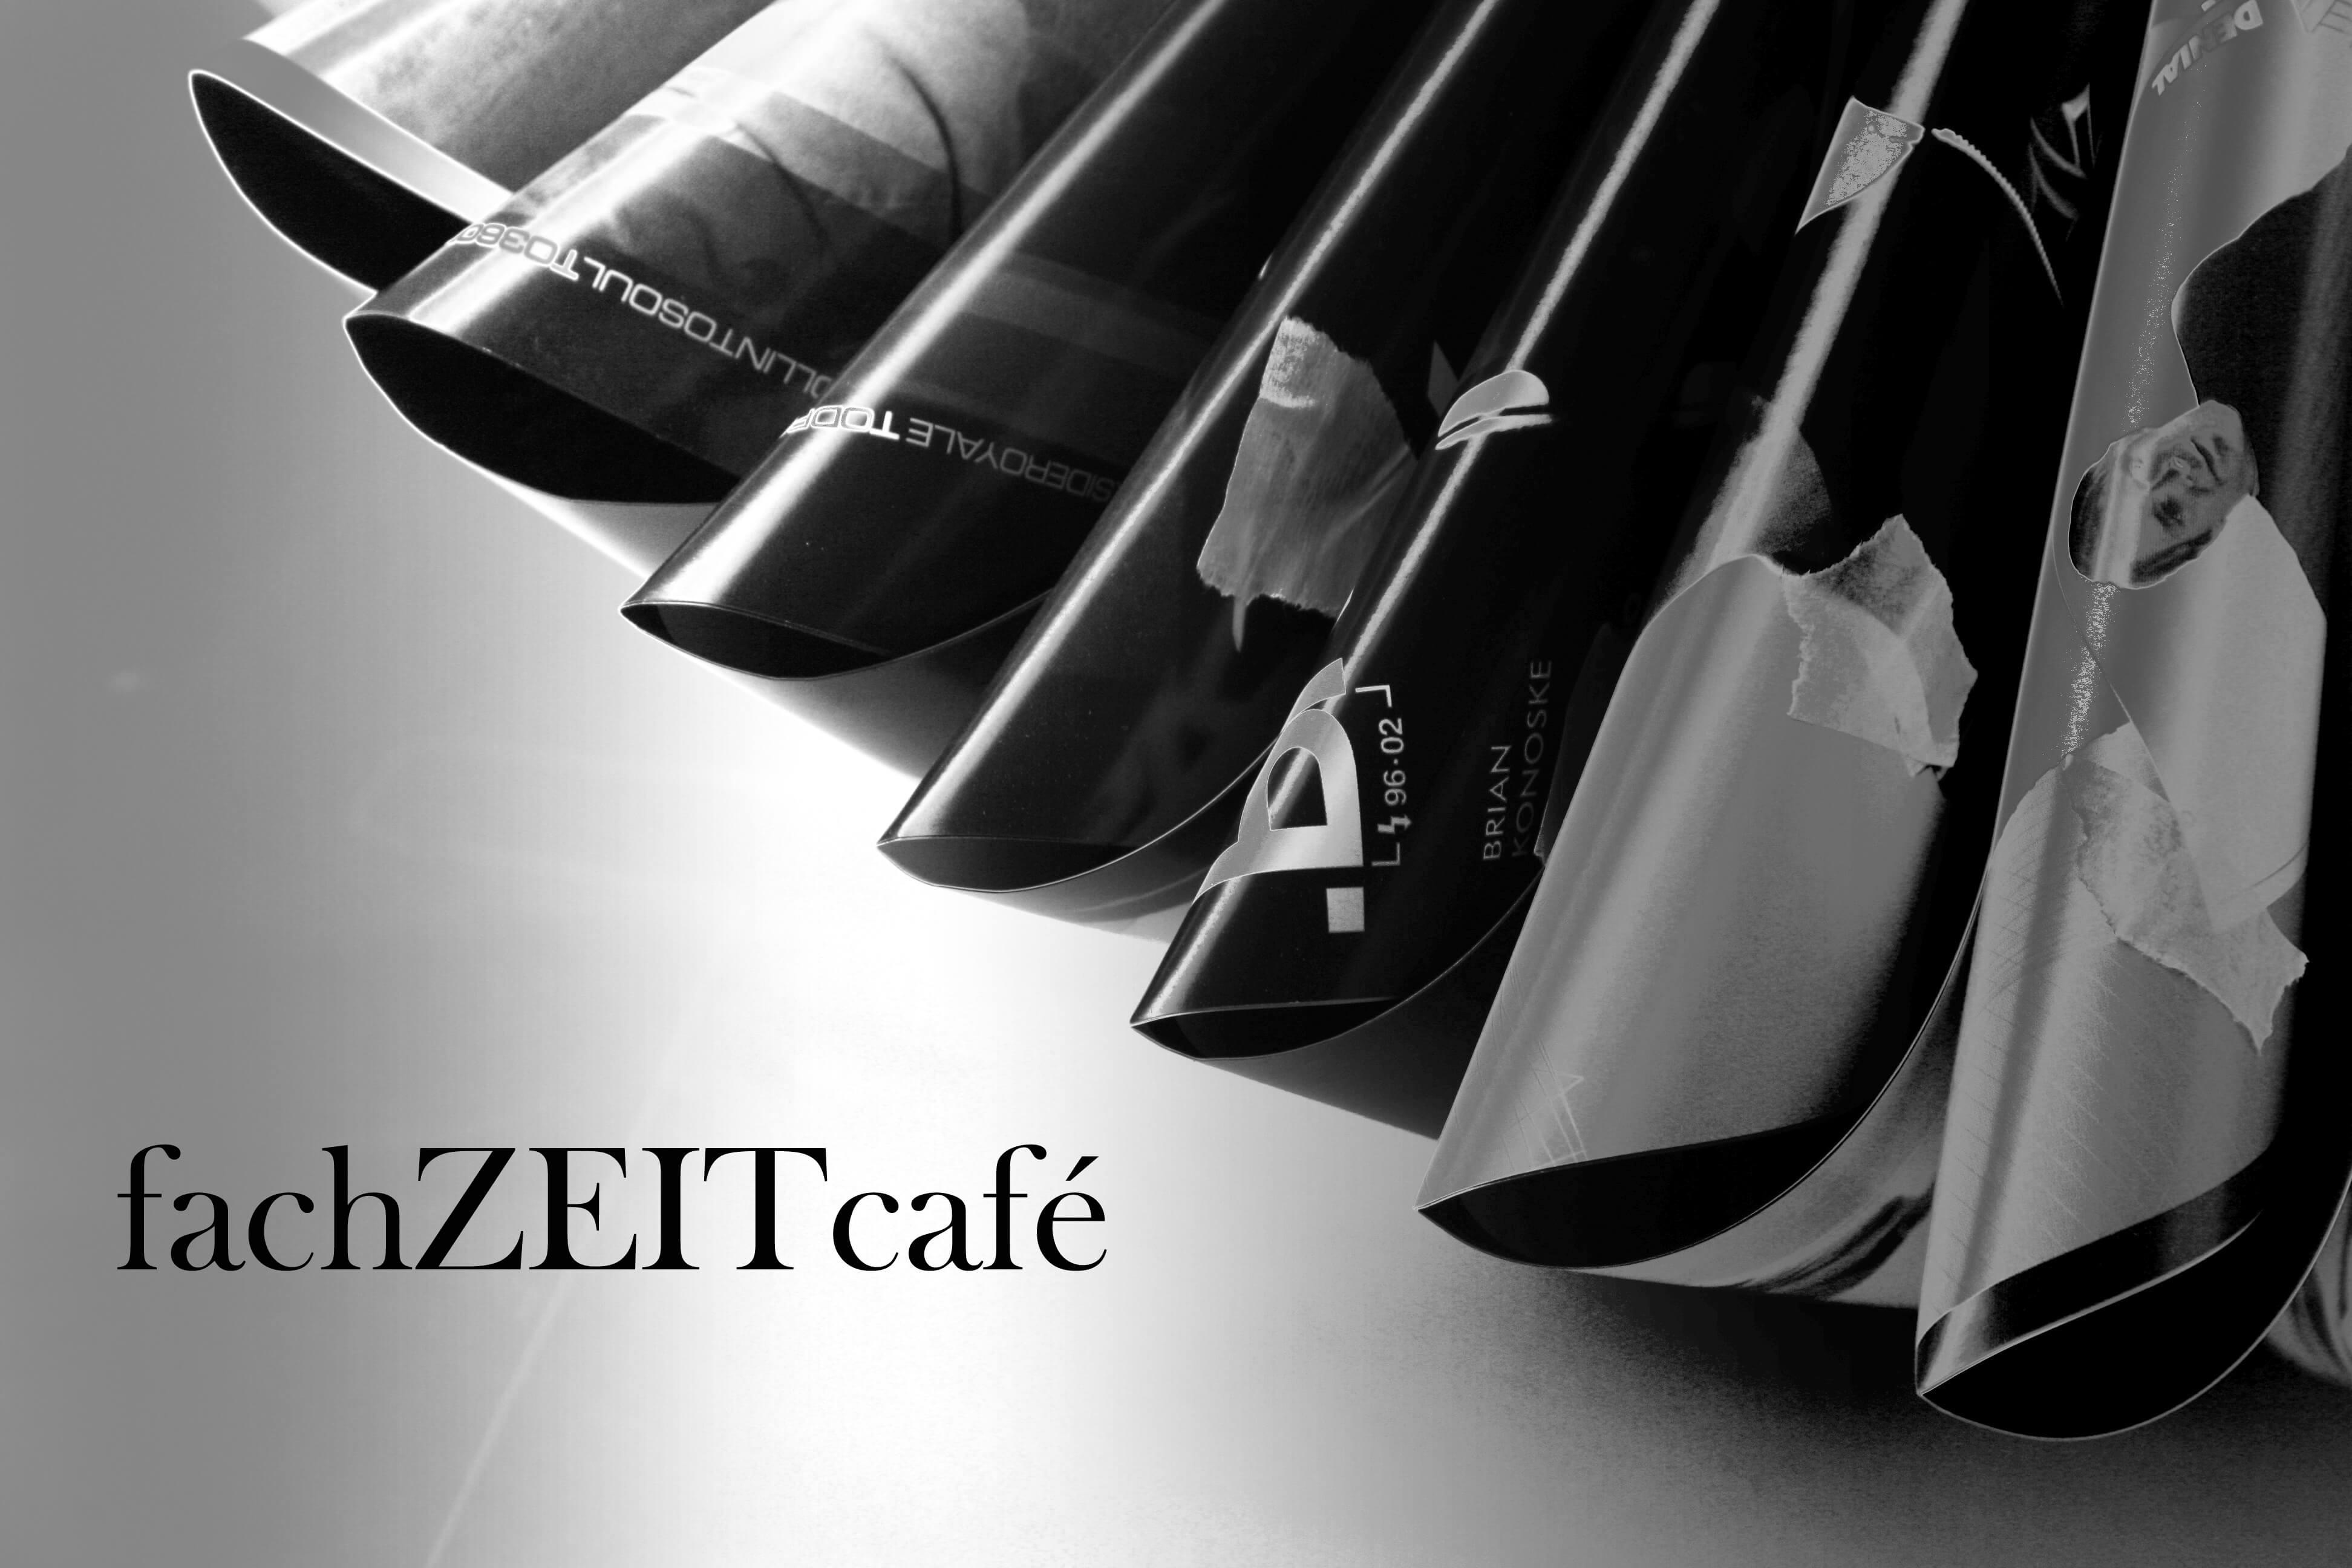 fachZeitcafé